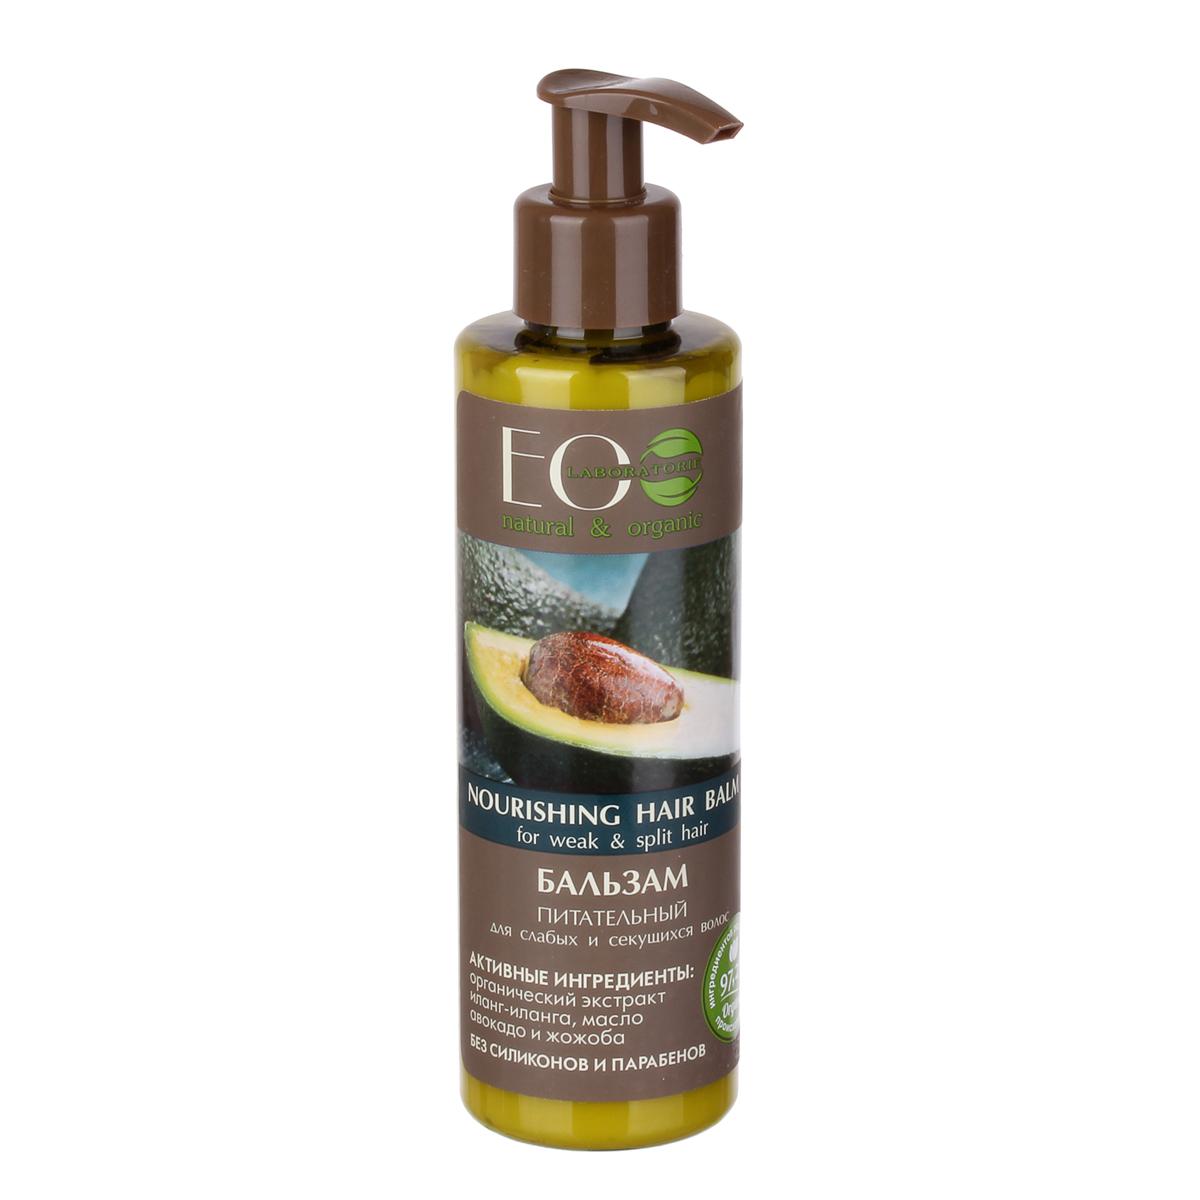 EcoLab ЭкоЛаб Бальзам Питательный 200 мл4627089430410Бережно ухаживает за волосами, предотвращая ломкость и спутывание, разглаживает их по всей длине, облегчат расчёсывание и укладку. Защищает от вредного воздействия окружающей среды. Активные ингредиенты: масло авокадо, органический экстракт иланг-иланга, масло жожоба.